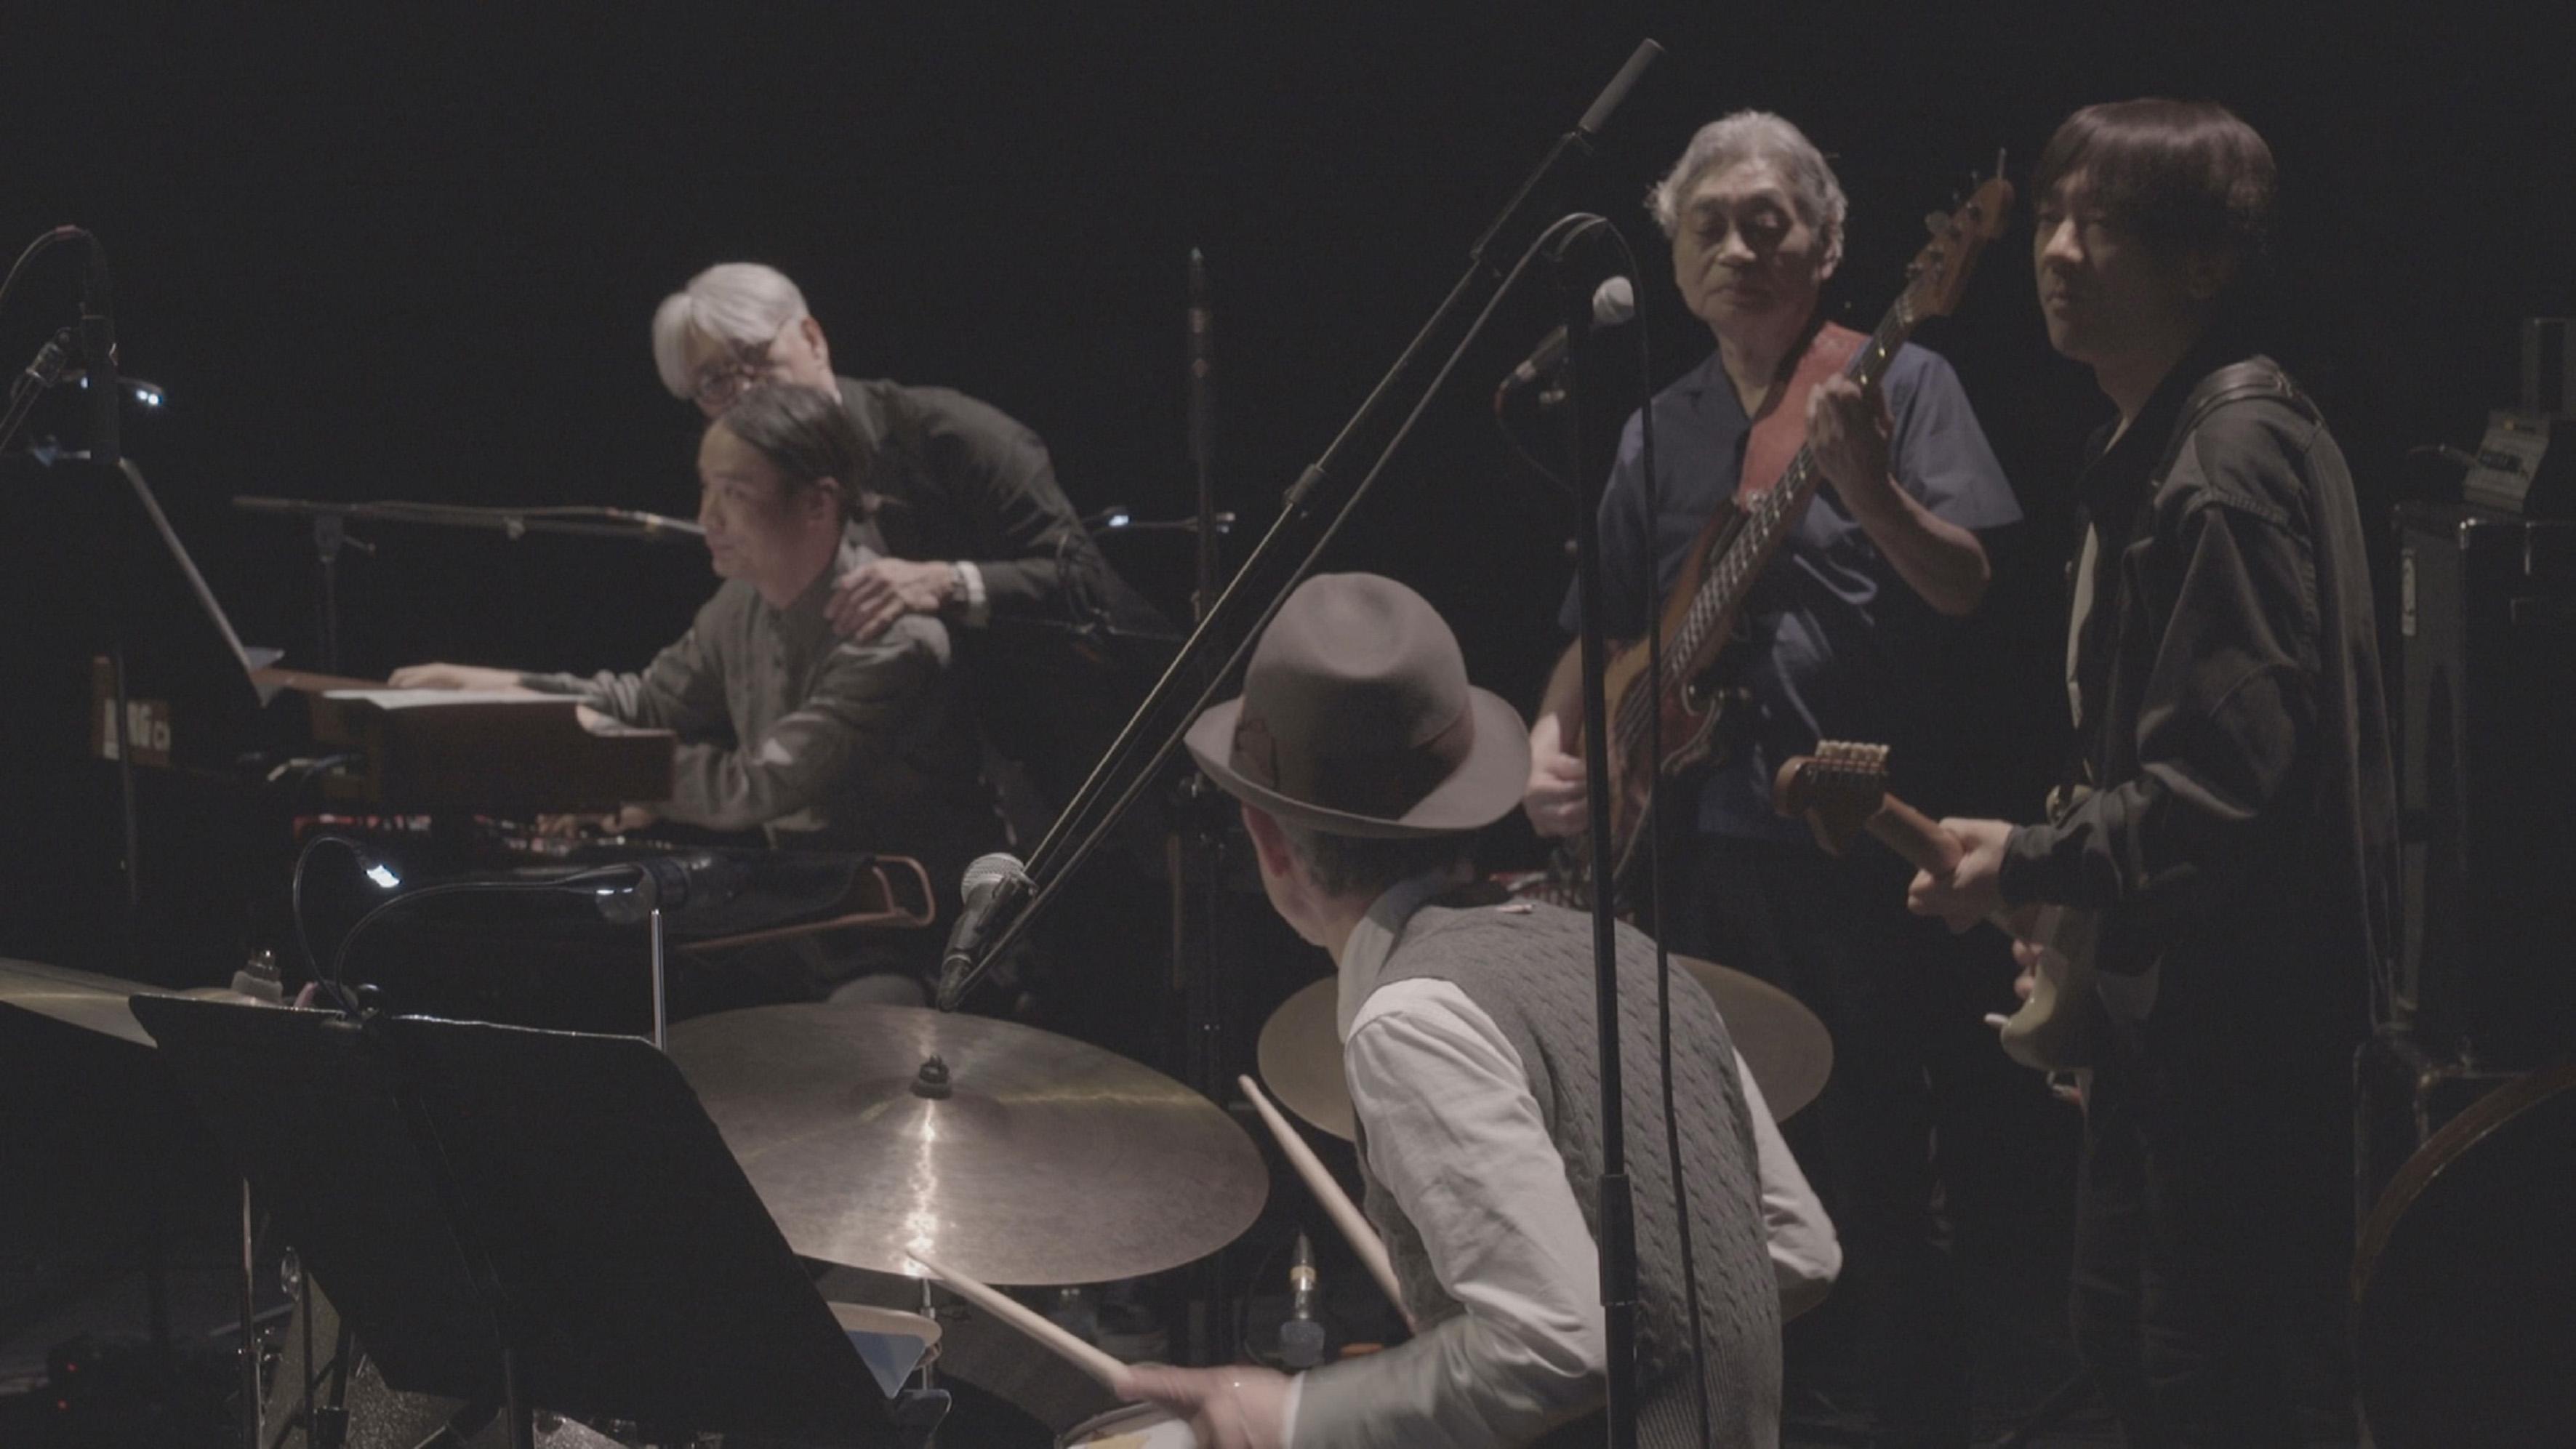 《搖滾師匠:細野晴臣》劇照_經典YMO於2018年英國演唱會上合體,坂本龍一(左,白髮)、細野晴臣(中,正面拿吉他的那位)、高橋幸宏(前,鼓手)